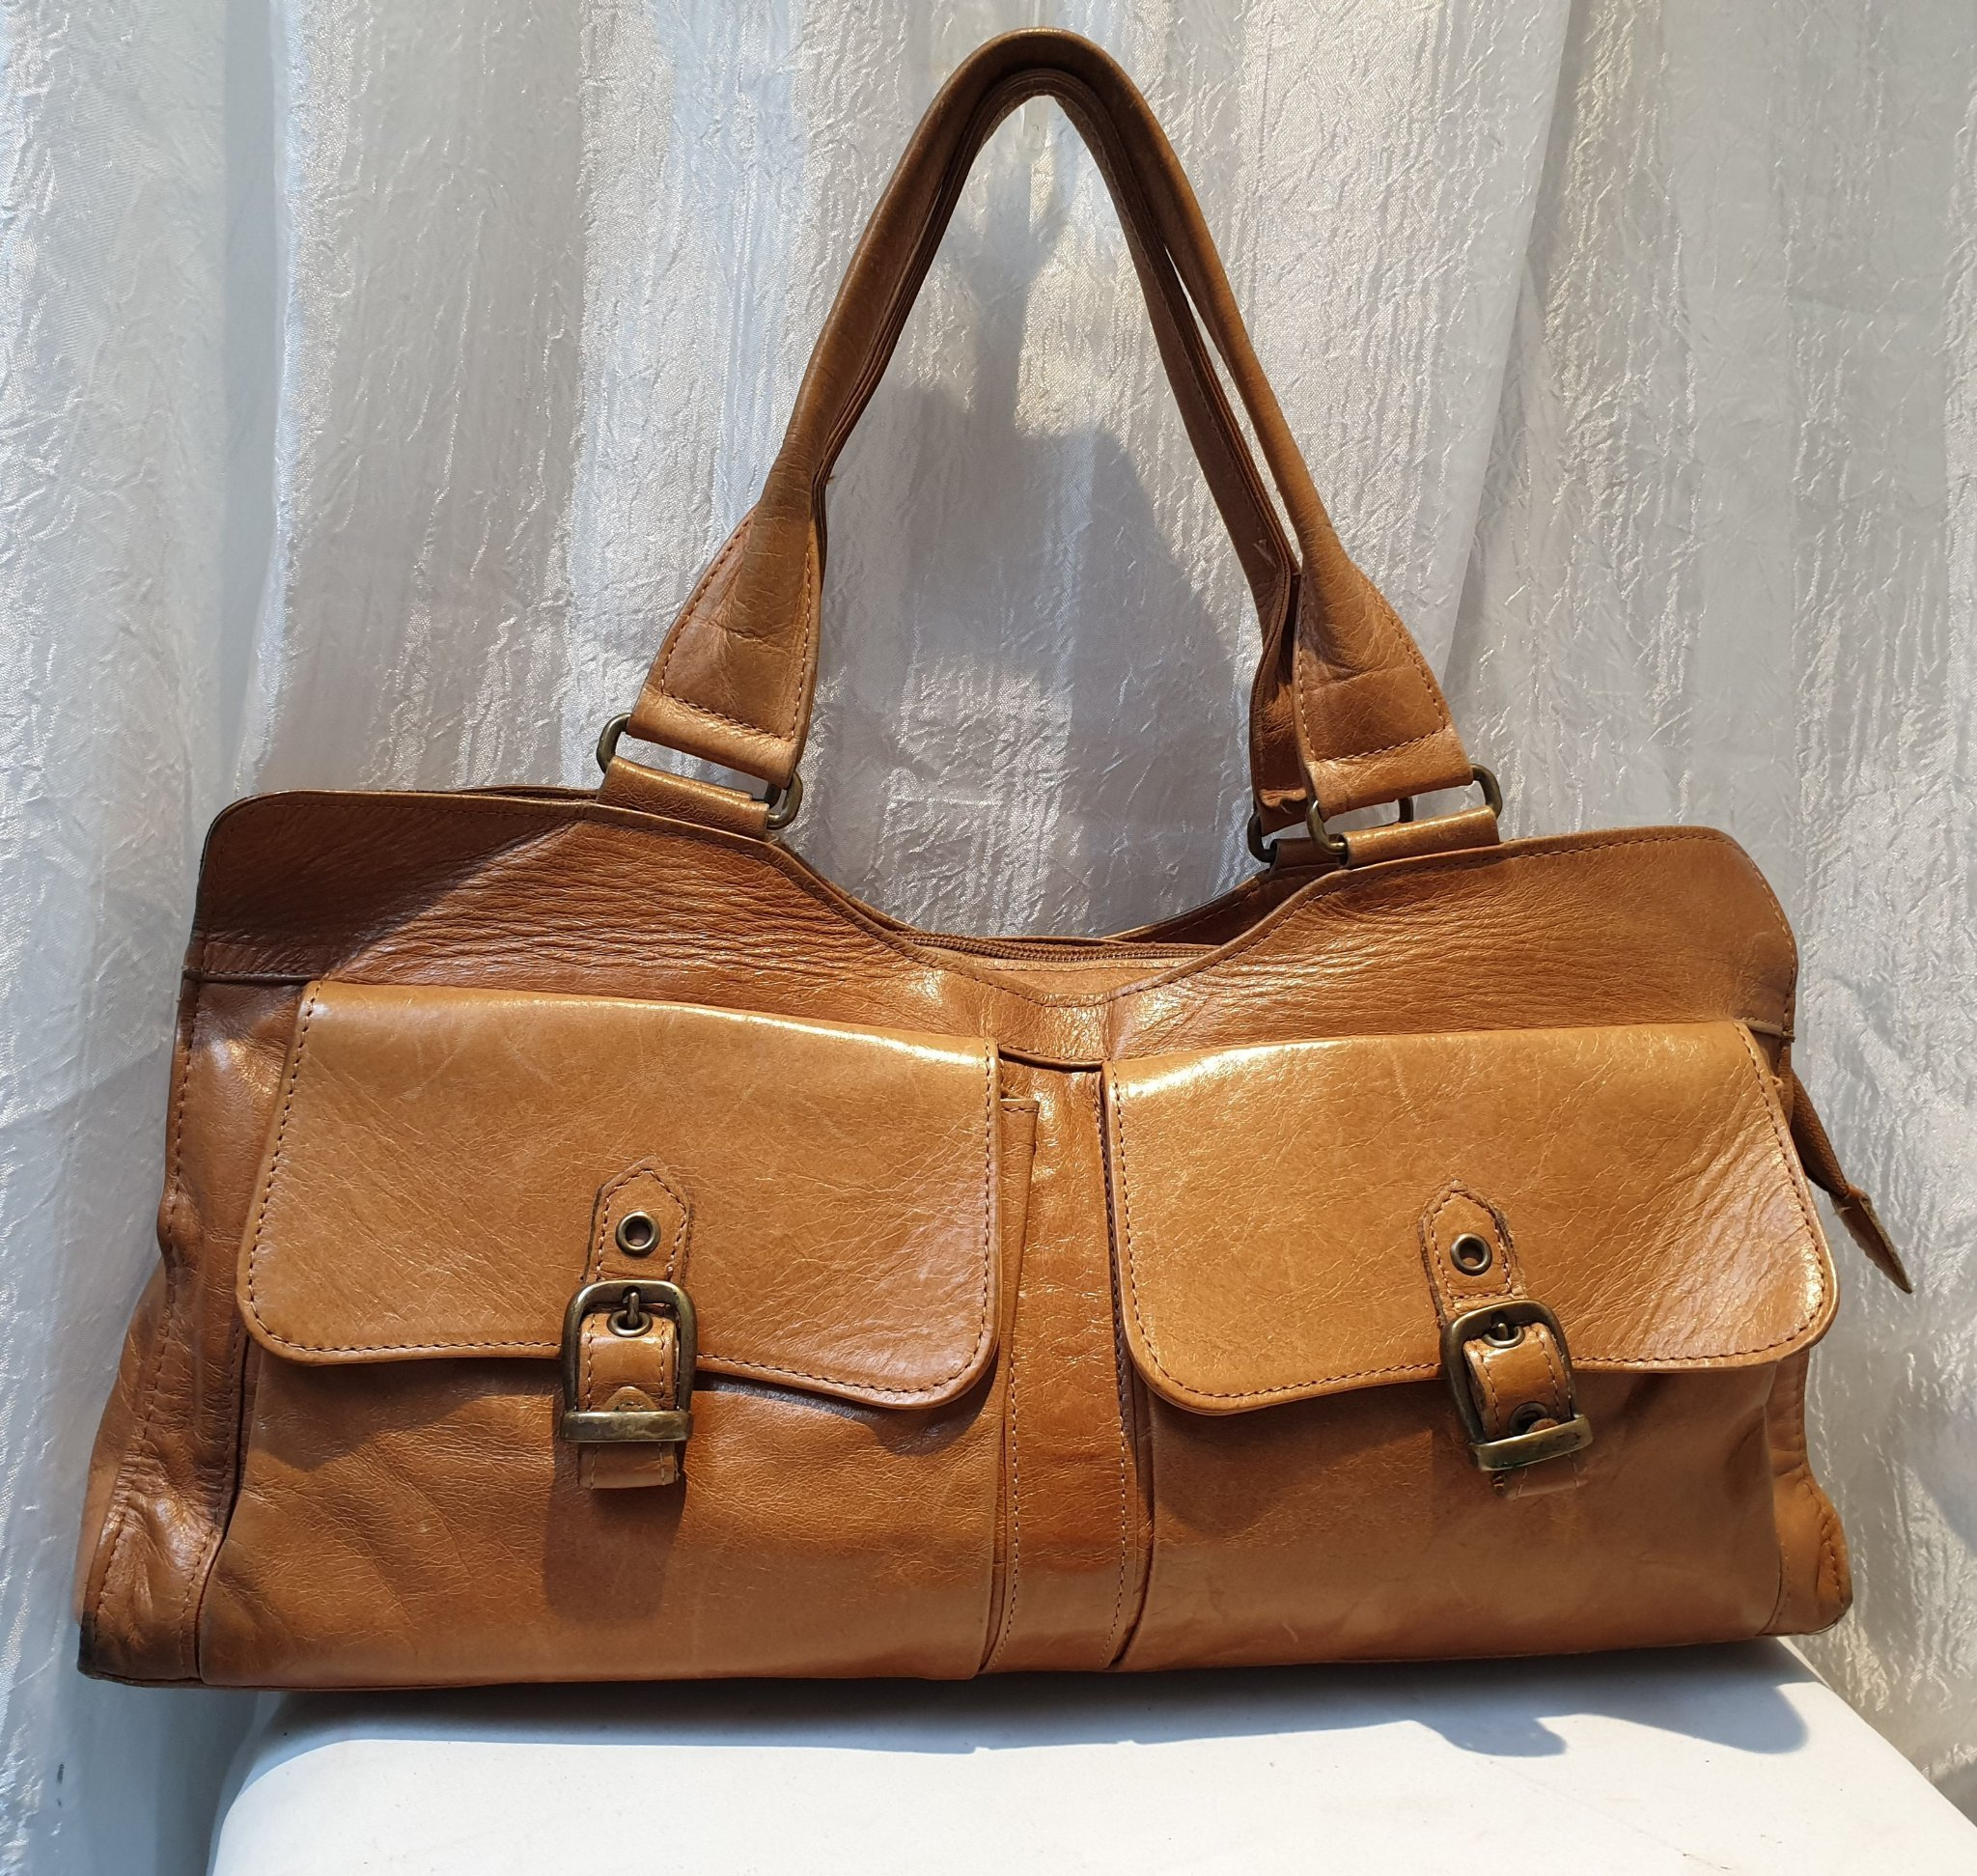 alexander italiensk väska bag